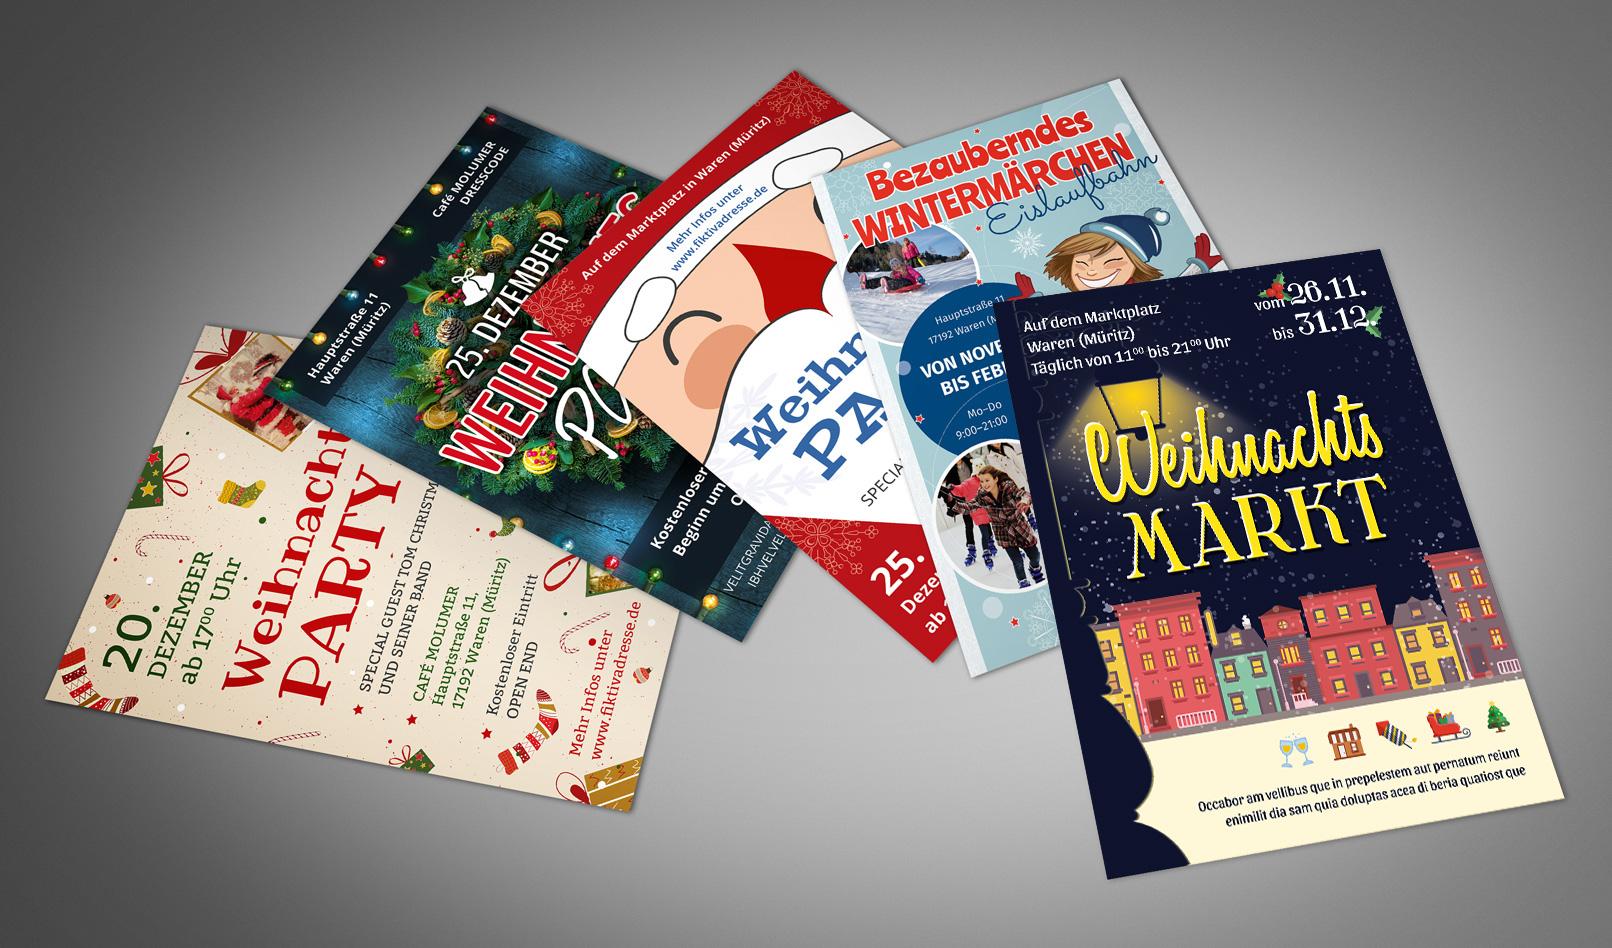 Vorlagen Weihnachten: Weihnachtsplakate & Weihnachtsflyer